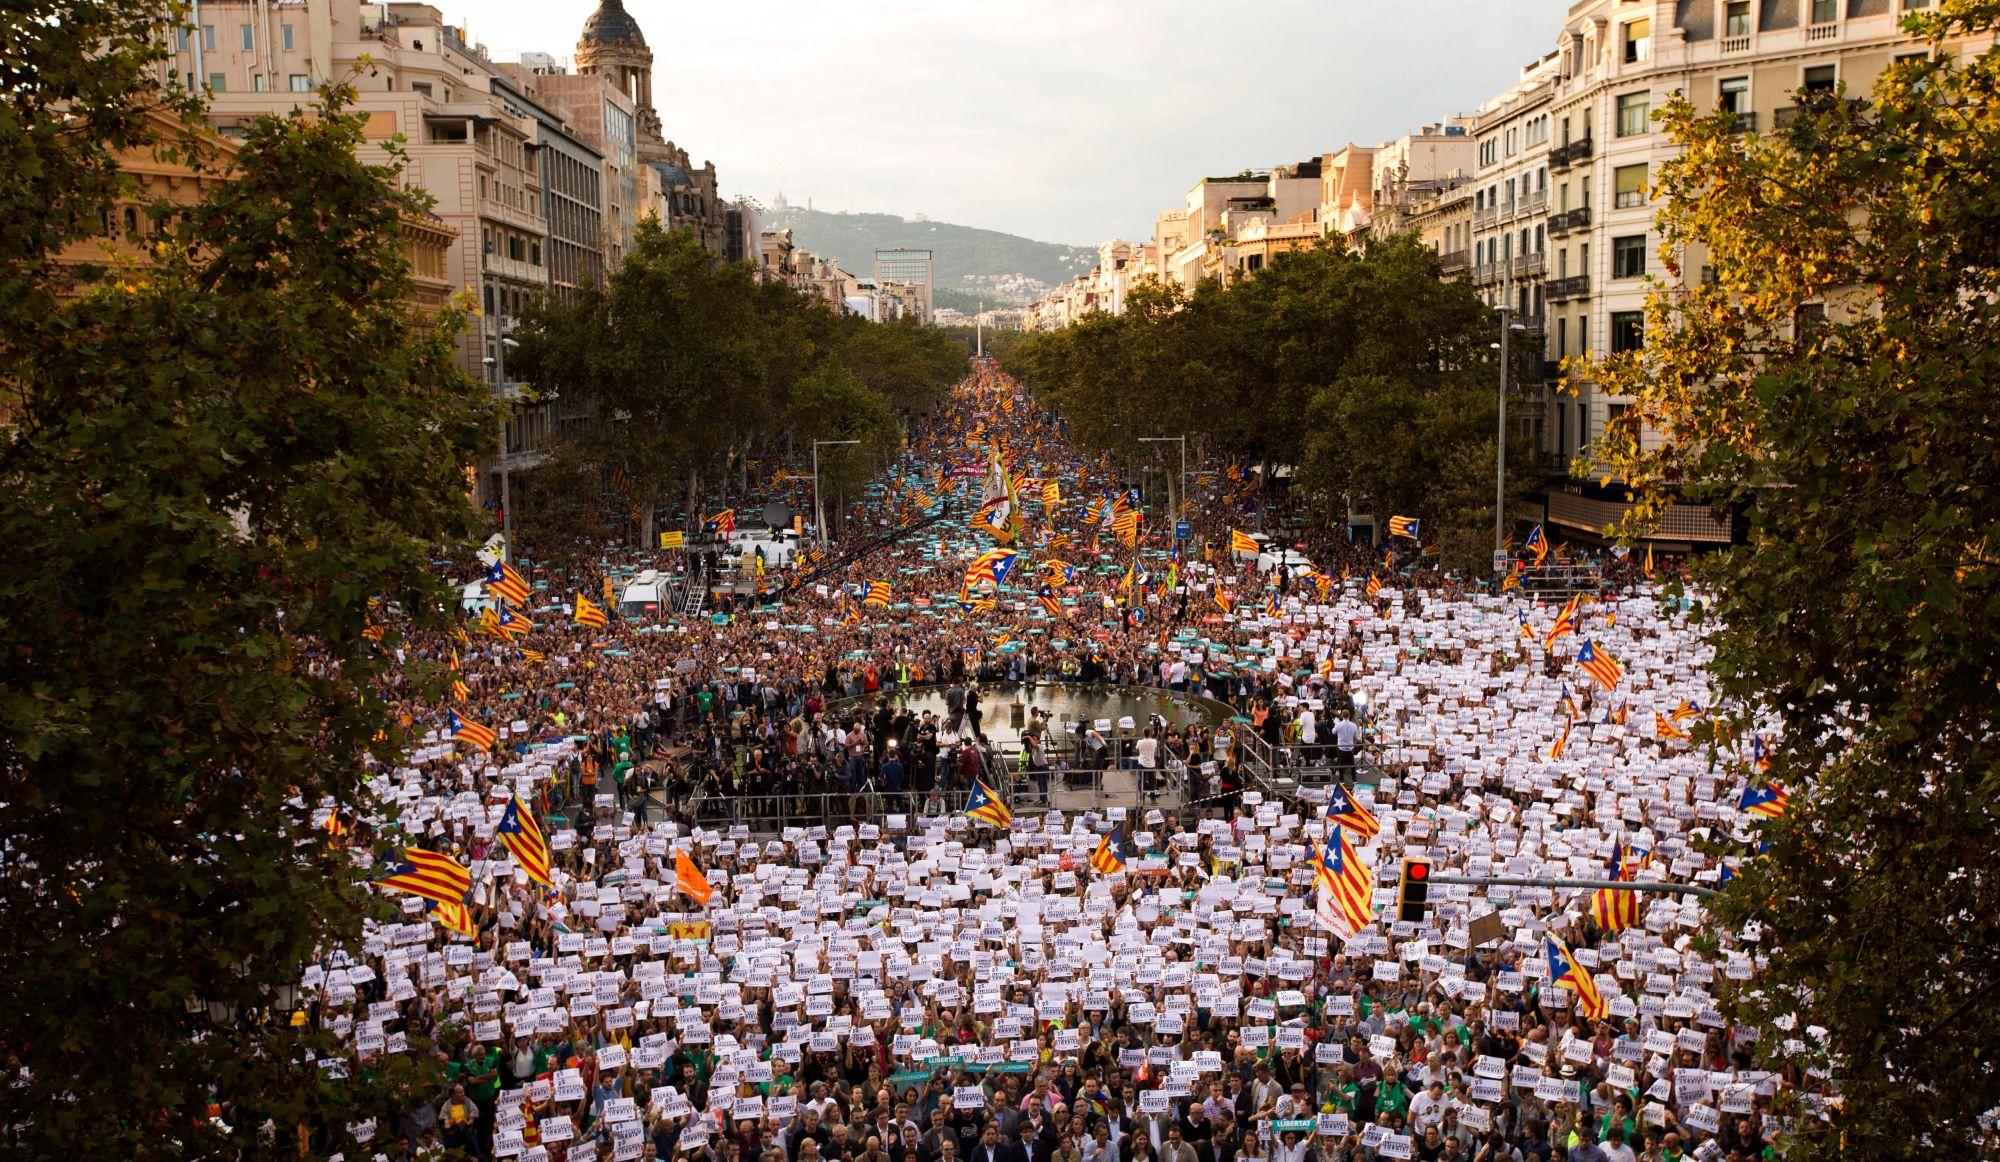 Madrid déclenche le processus de suspension de l'autonomie de la région